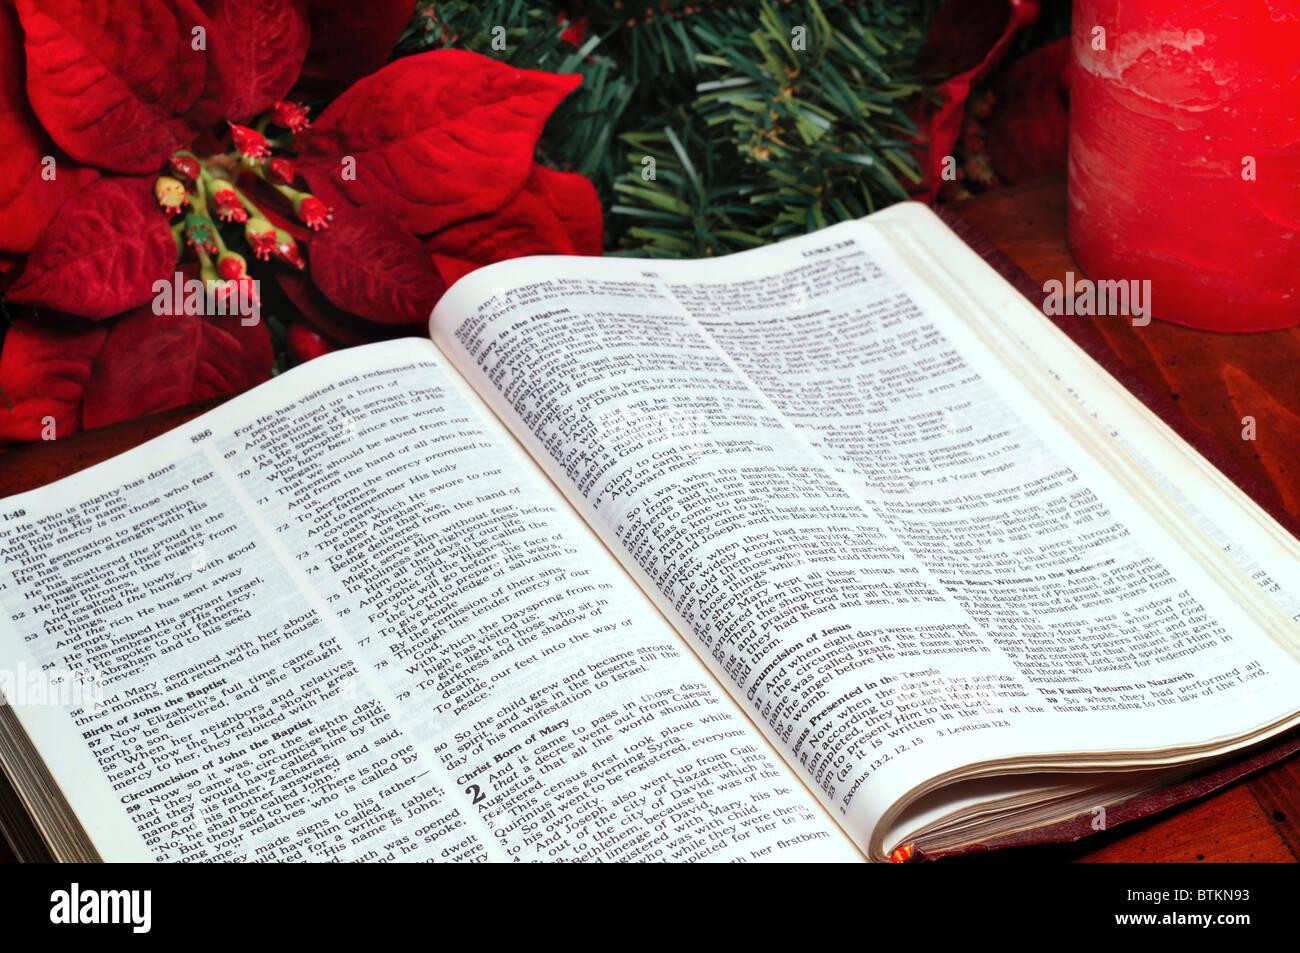 Bible Christmas Story Stock Photos & Bible Christmas Story Stock ...